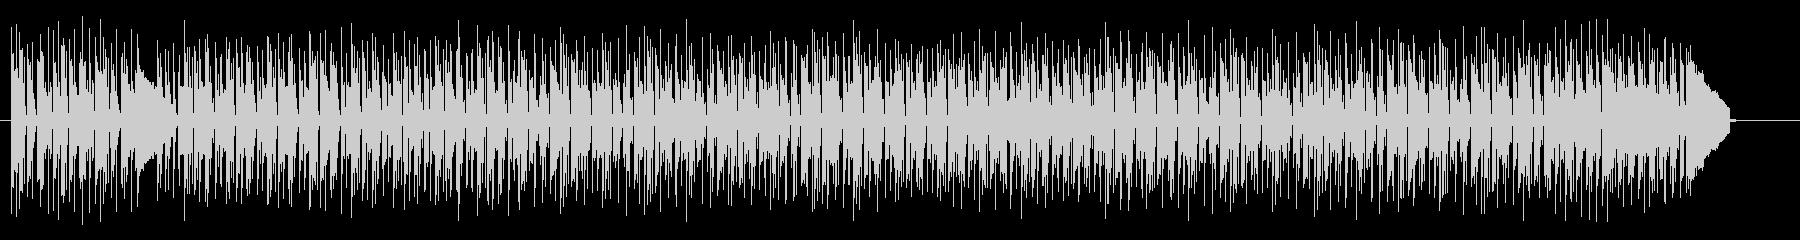 陽気なポップインストの未再生の波形